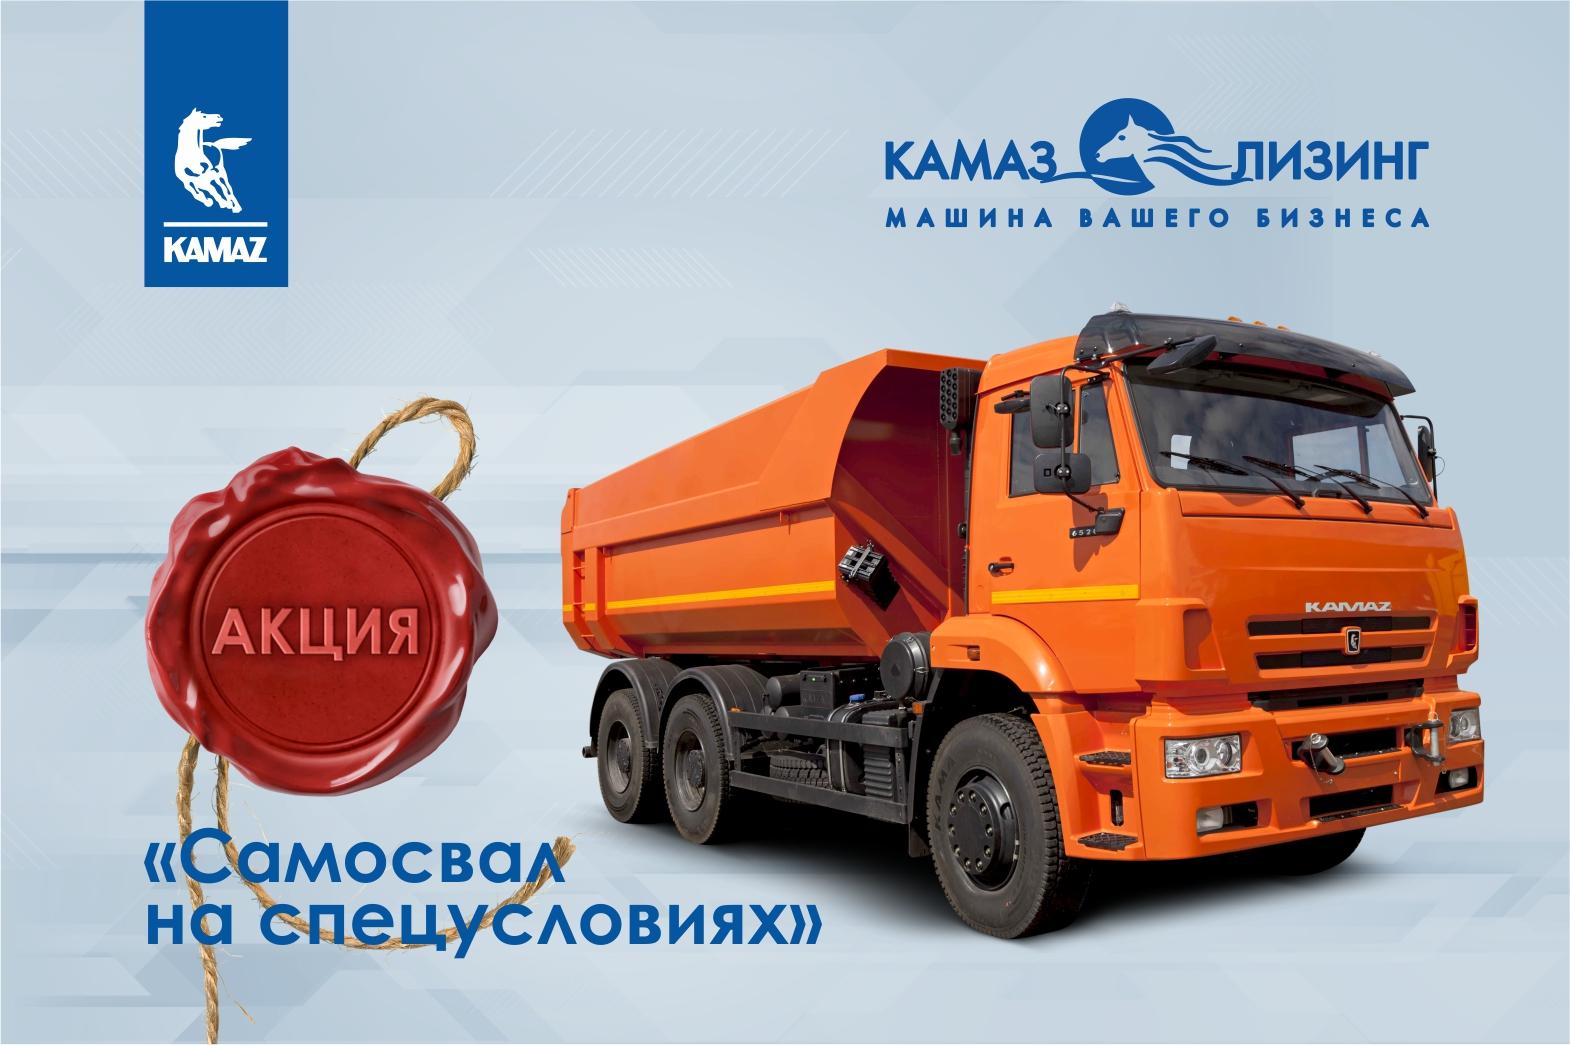 «КАМАЗ-ЛИЗИНГ» продлевает акцию «Самосвал на спецусловиях»